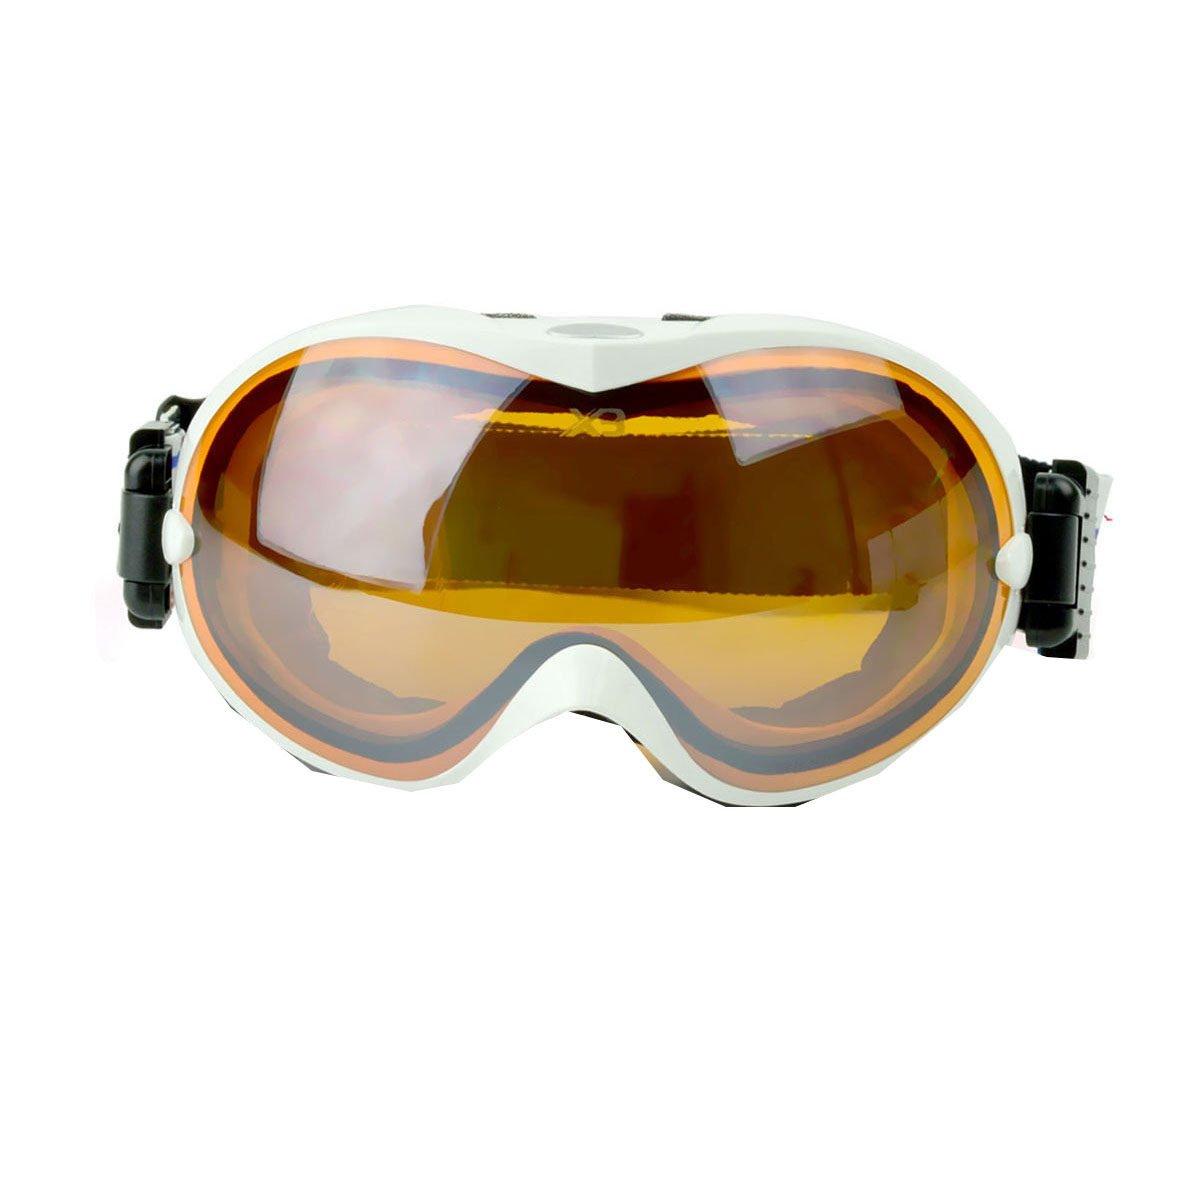 TZQ Damen Reitbrillen Goggles Sonnenbrillen Skifahren Spiegel Bergsteigen Outdoor Multifunktionsbrillen